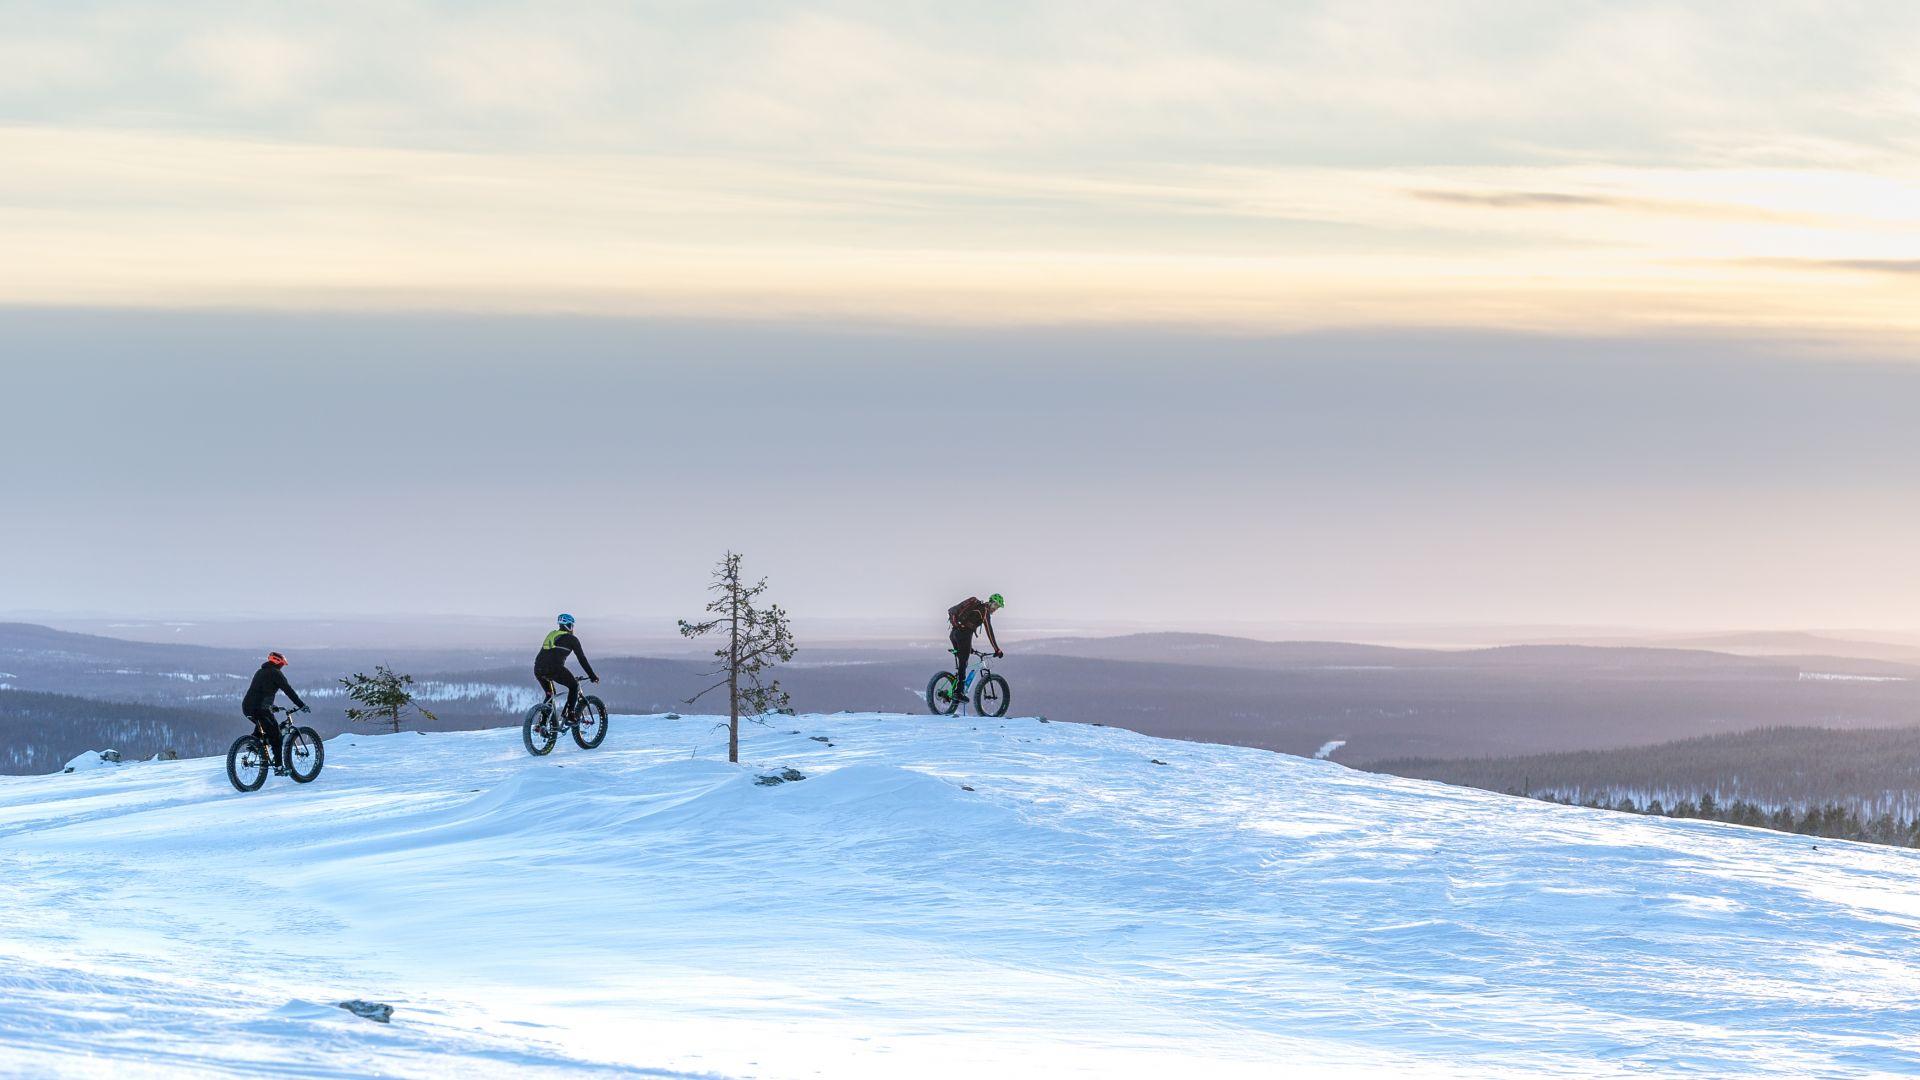 Mitä tehdä Lapissa? Pyöräily talvella